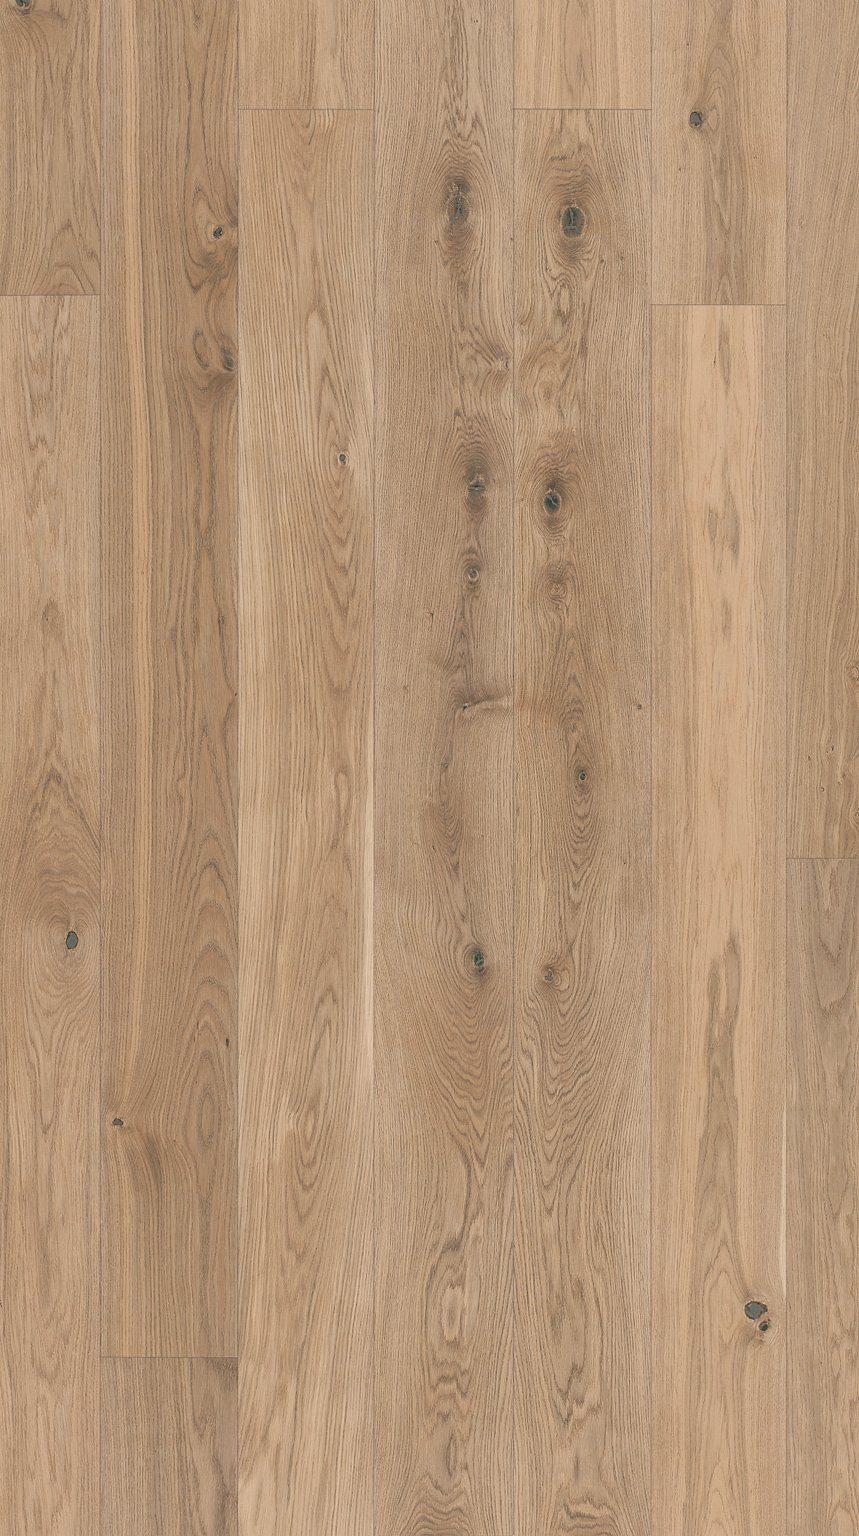 PARADOR Packung: Parkett »3060 Living Eiche weiß matt lack«, 185 x 2200 mm, Stärke: 13 mm